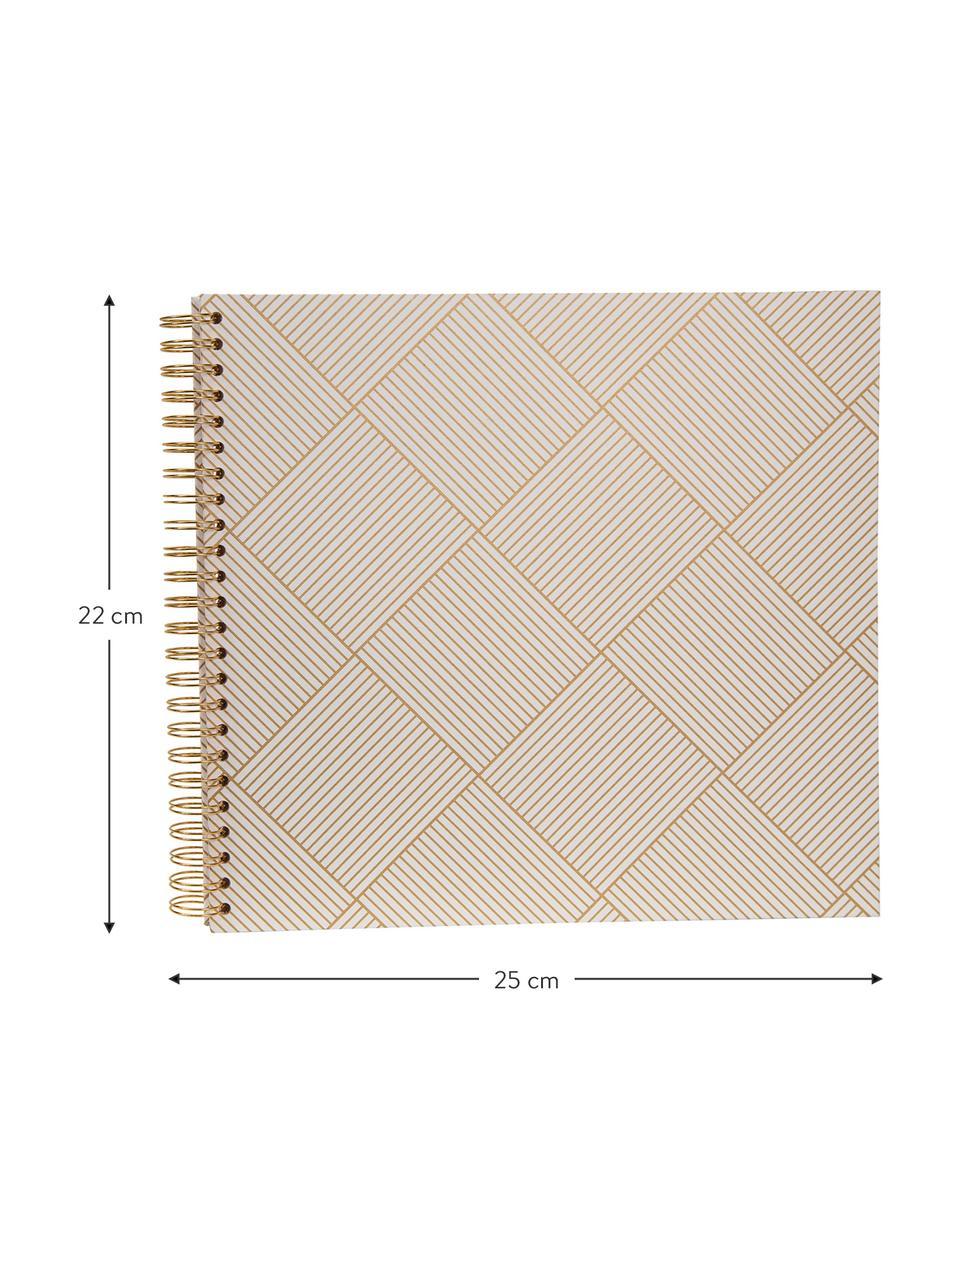 Fotoalbum Picture, Goldfarben, Weiß, 25 x 22 cm